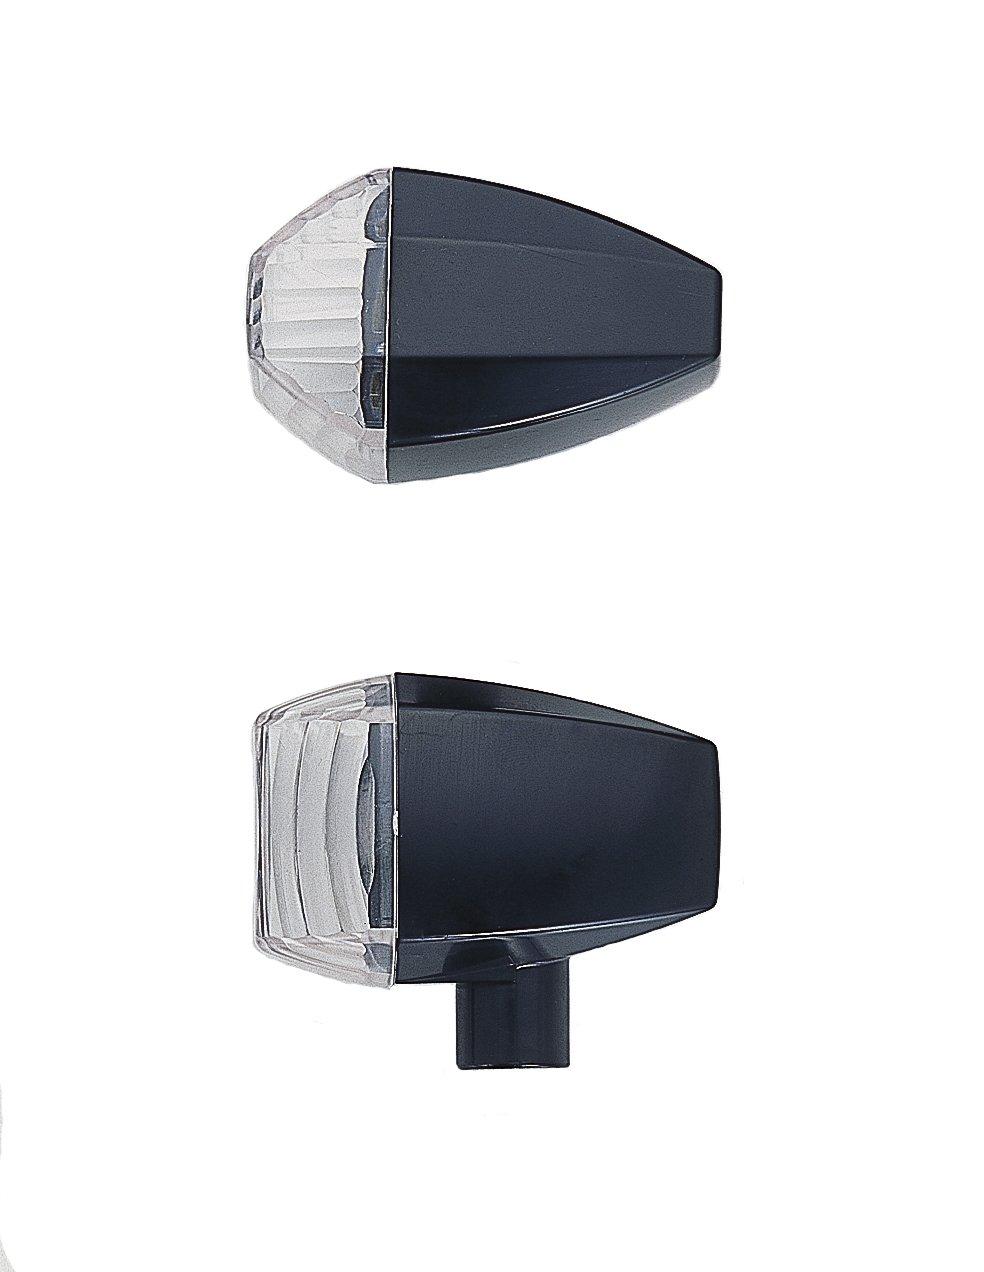 ポッシュ(POSH) バイク用LEDウインカー ZRX1200R('01-'03) ブラックボディ/クリアーレンズ ZRクリスタルカットレンズタイプ 071566-06 B005IE5UI0